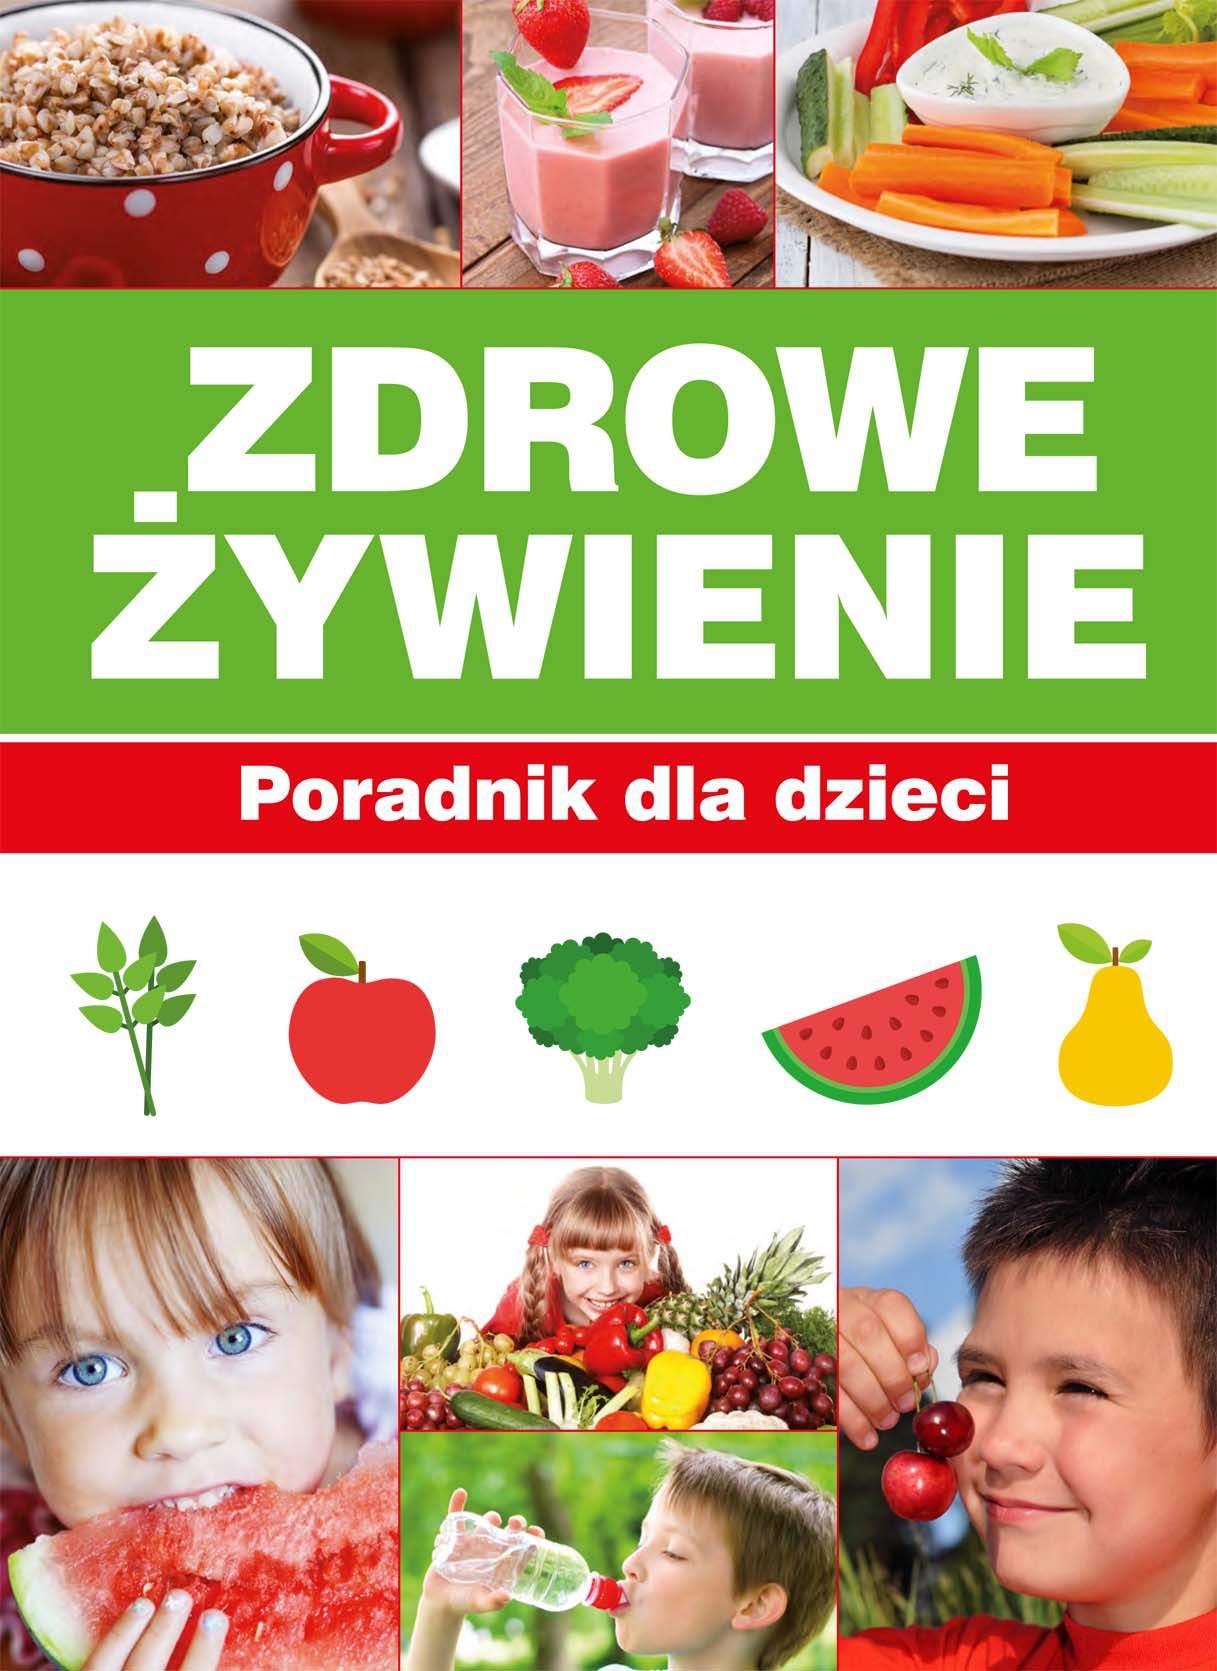 Zdrowe żywienie. Poradnik dla dzieci - Ebook (Książka PDF) do pobrania w formacie PDF